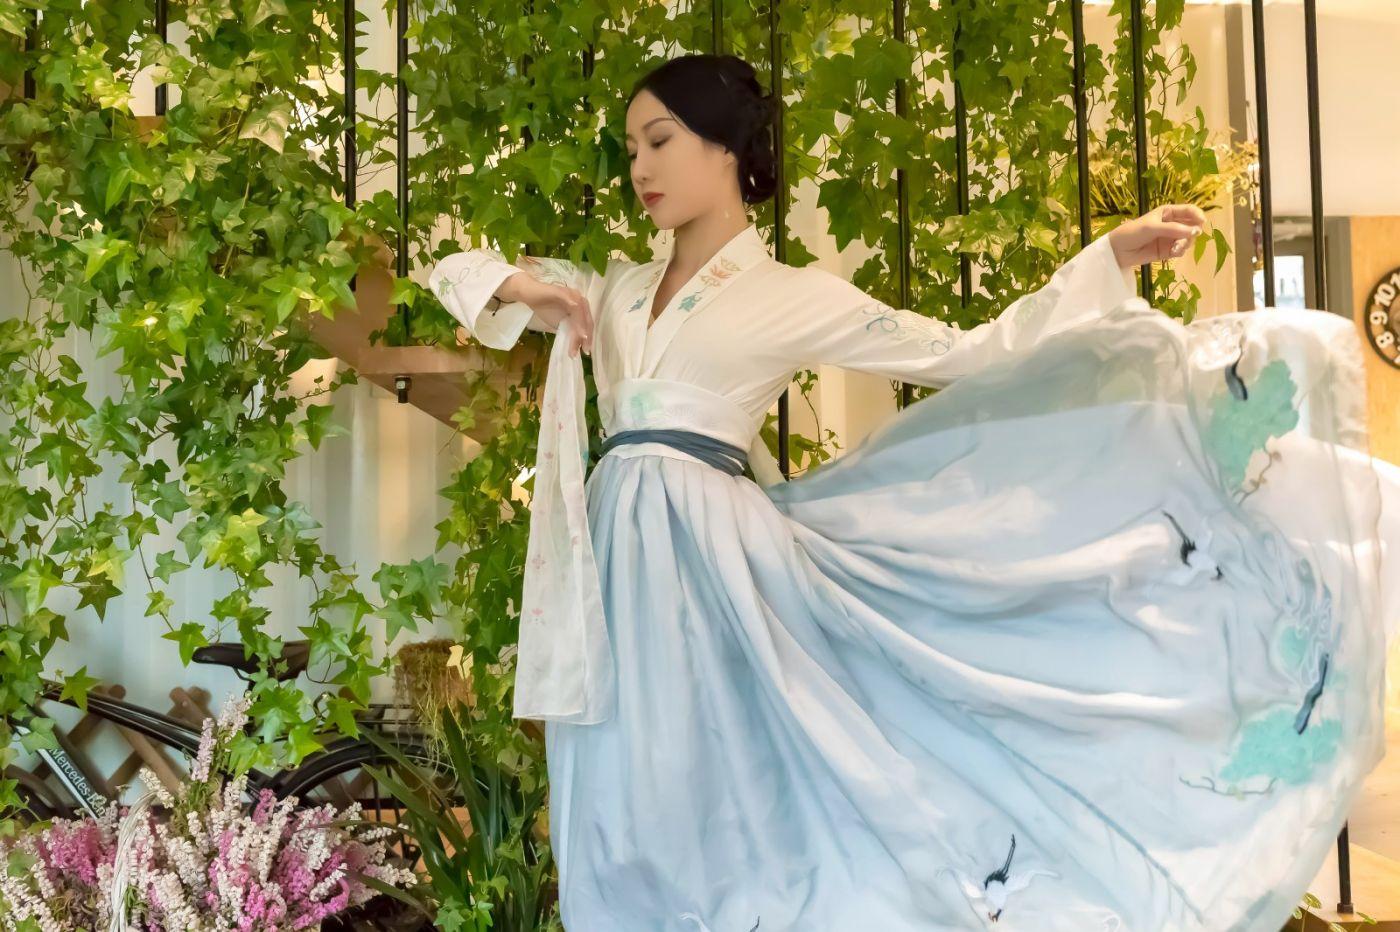 发现民族舞女孩吕锦涛 在樱桃花开白如雪的马泉翩翩起舞_图1-29